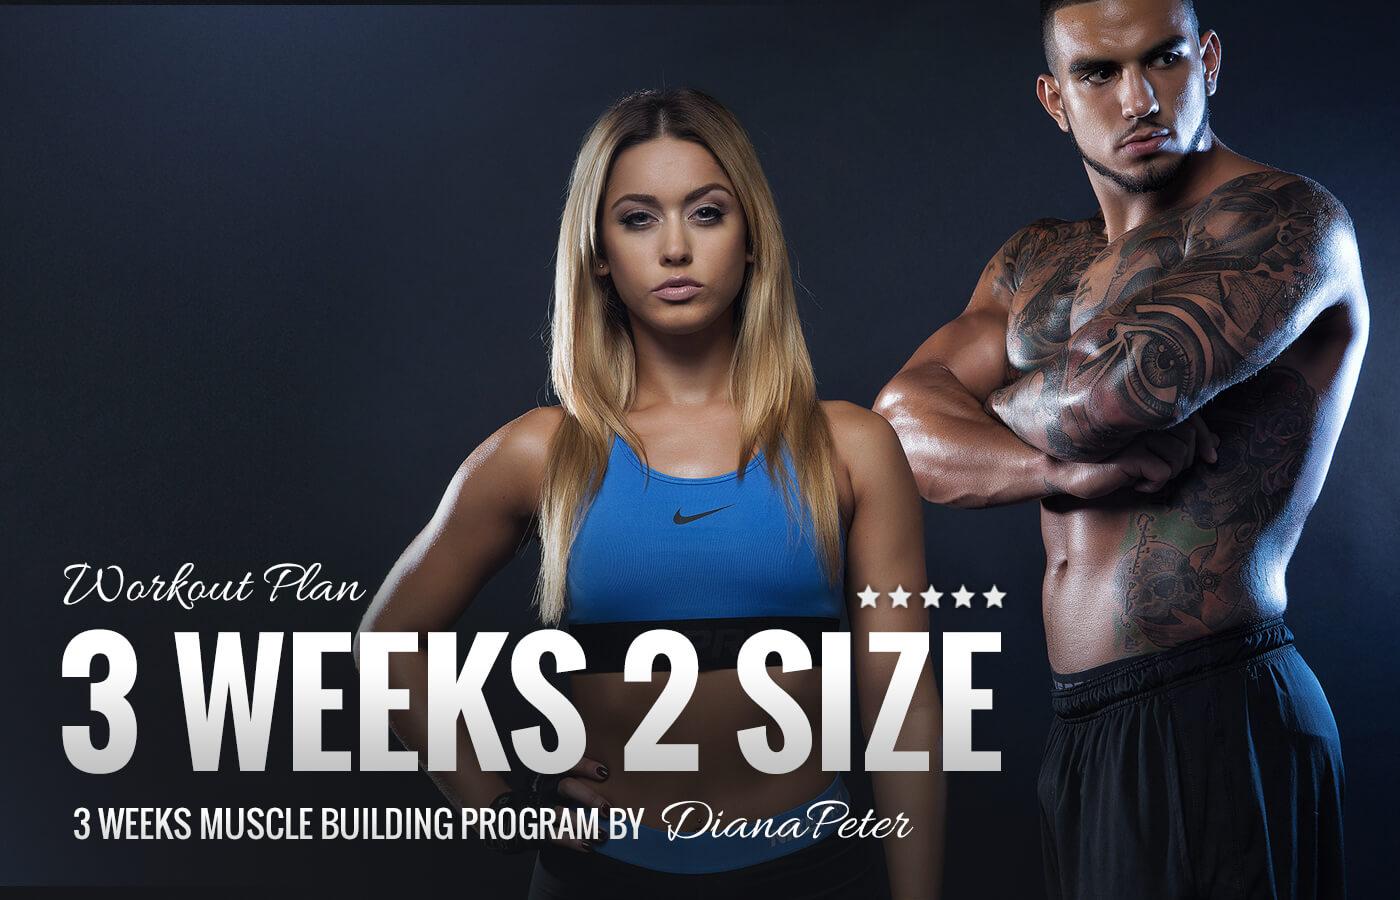 3 Weeks 2 Size